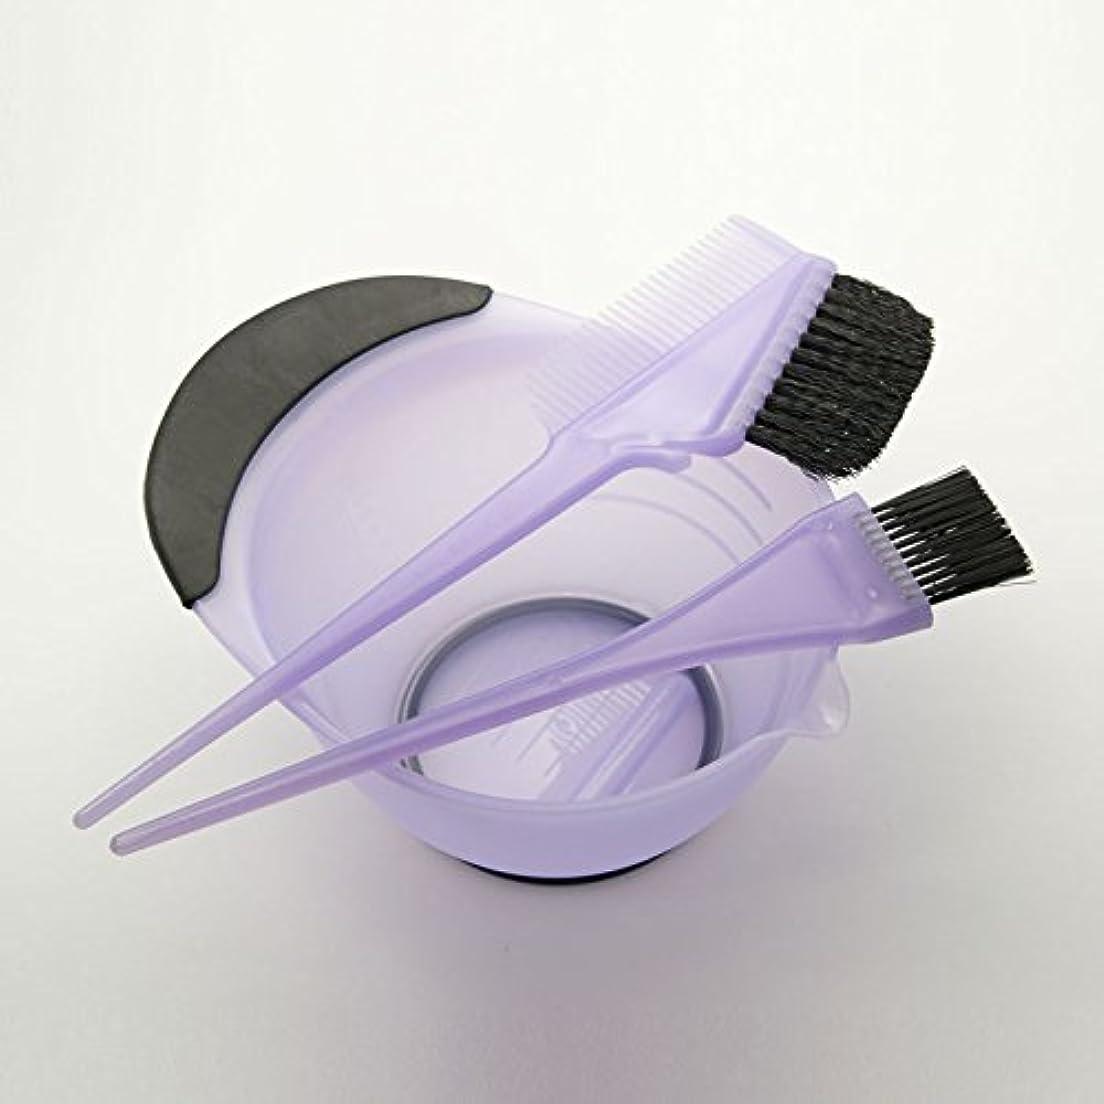 巻き取り公平暗殺するDEEDS E-0003 プロ用 ヘアカラーセット ラベンダー ヘアカラー カップ ブラシ セット